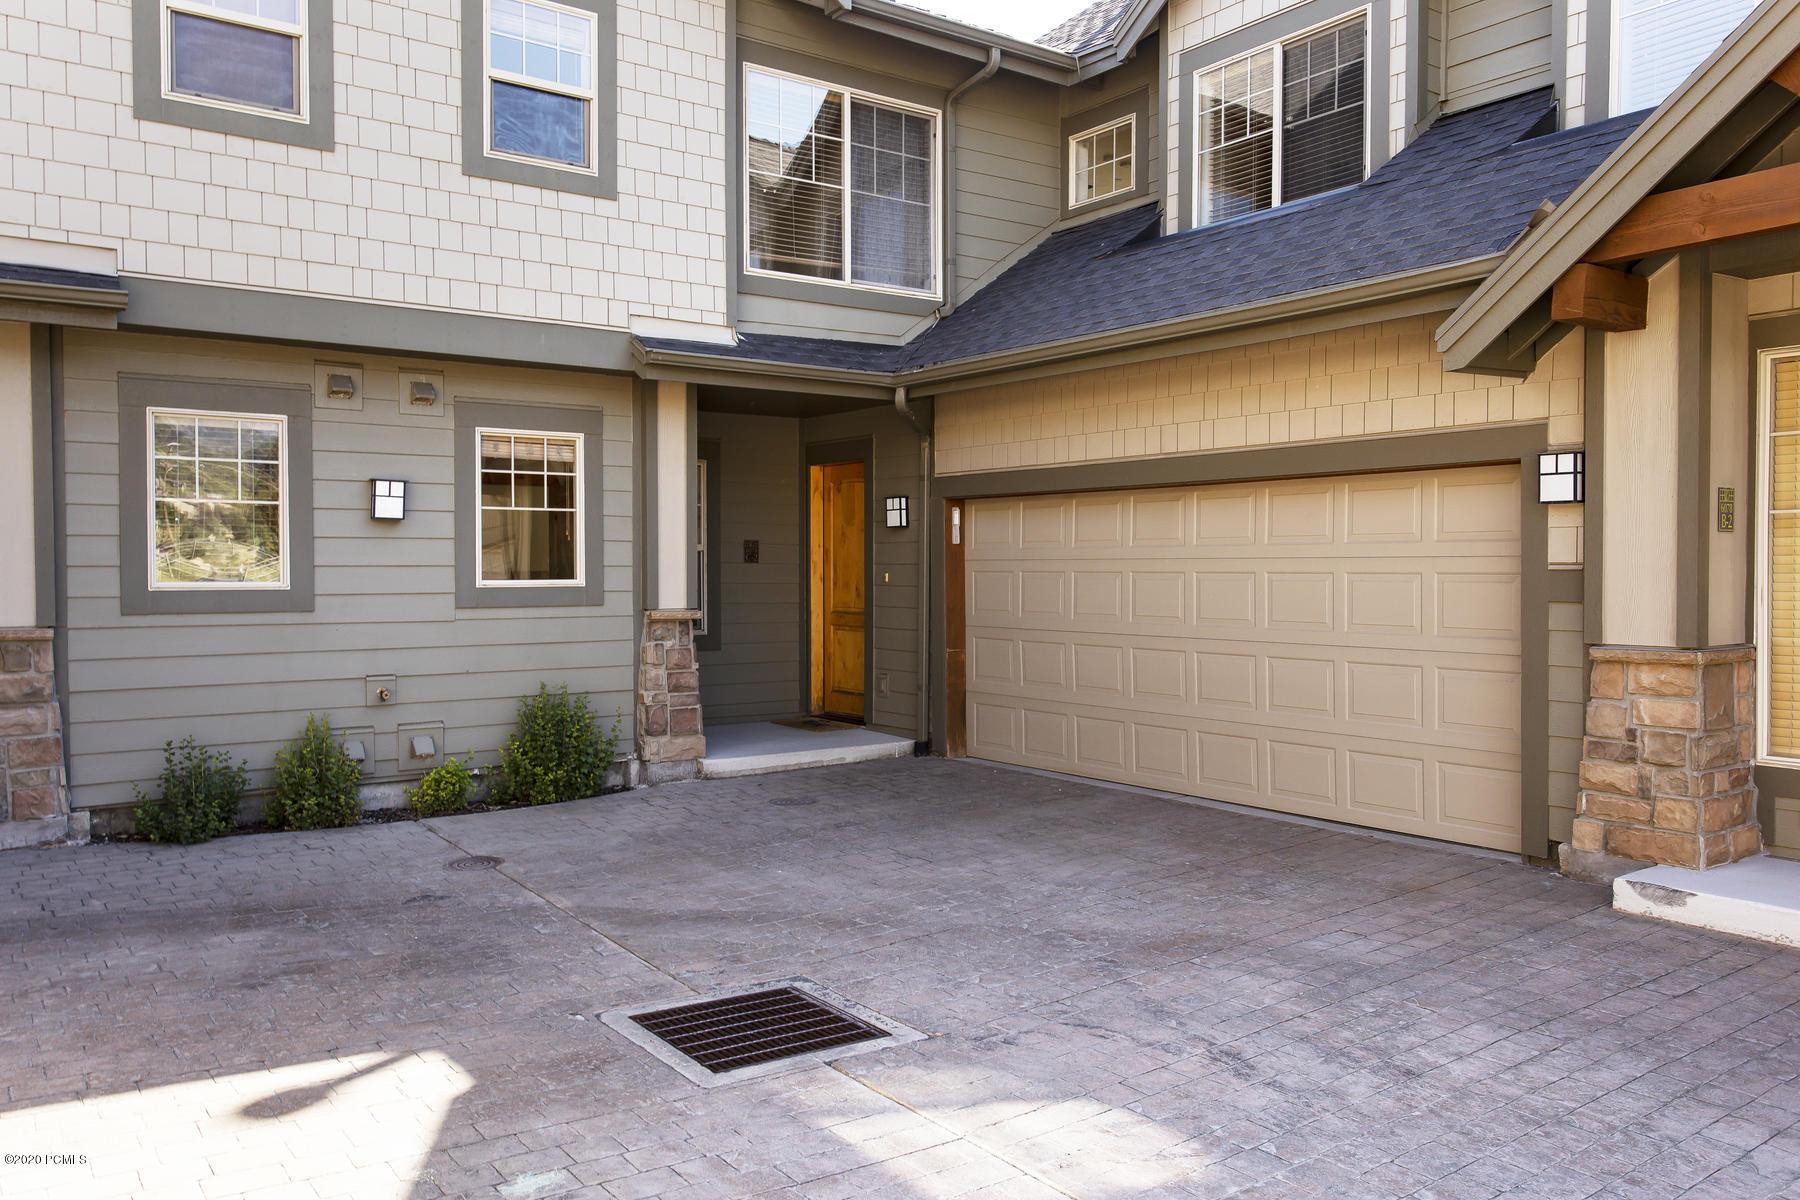 6078 Fox Pointe Circle, Park City, Utah 84098, 3 Bedrooms Bedrooms, ,3 BathroomsBathrooms,Condominium,For Sale,Fox Pointe,20190109112430415765000000